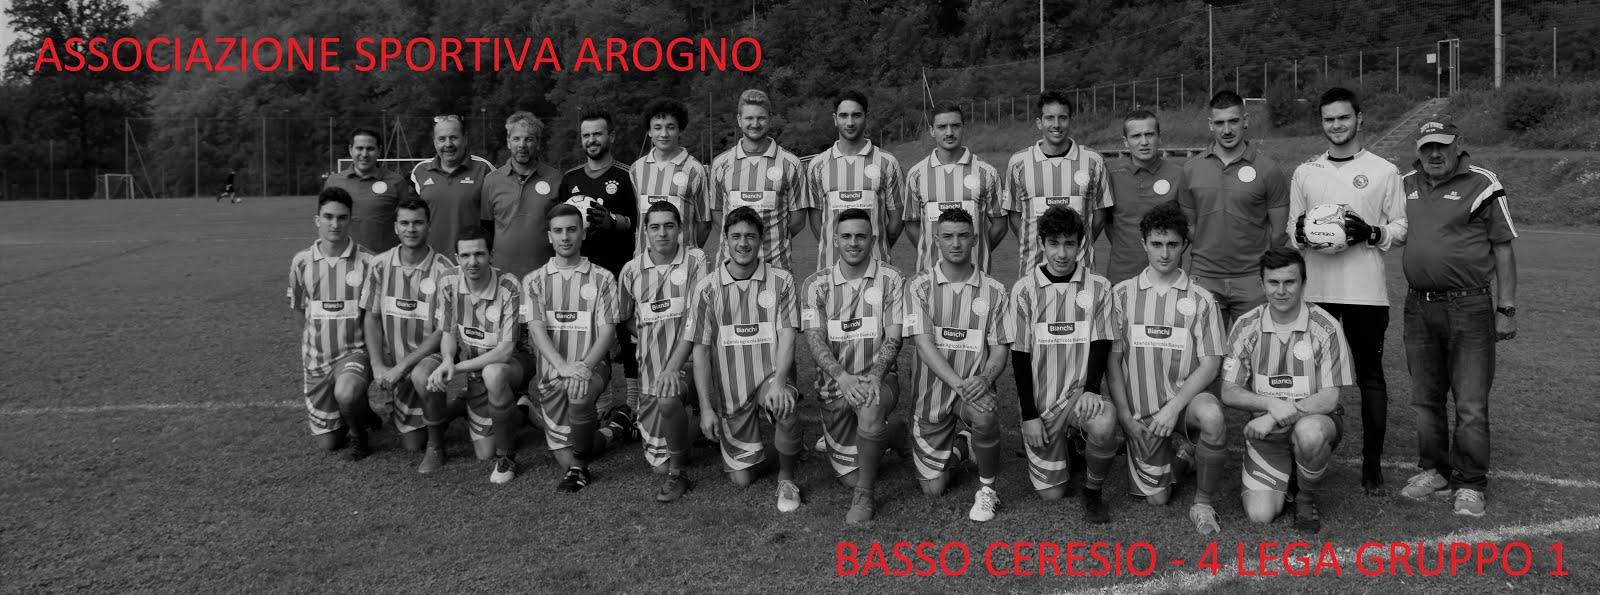 Associazione Sportiva Arogno